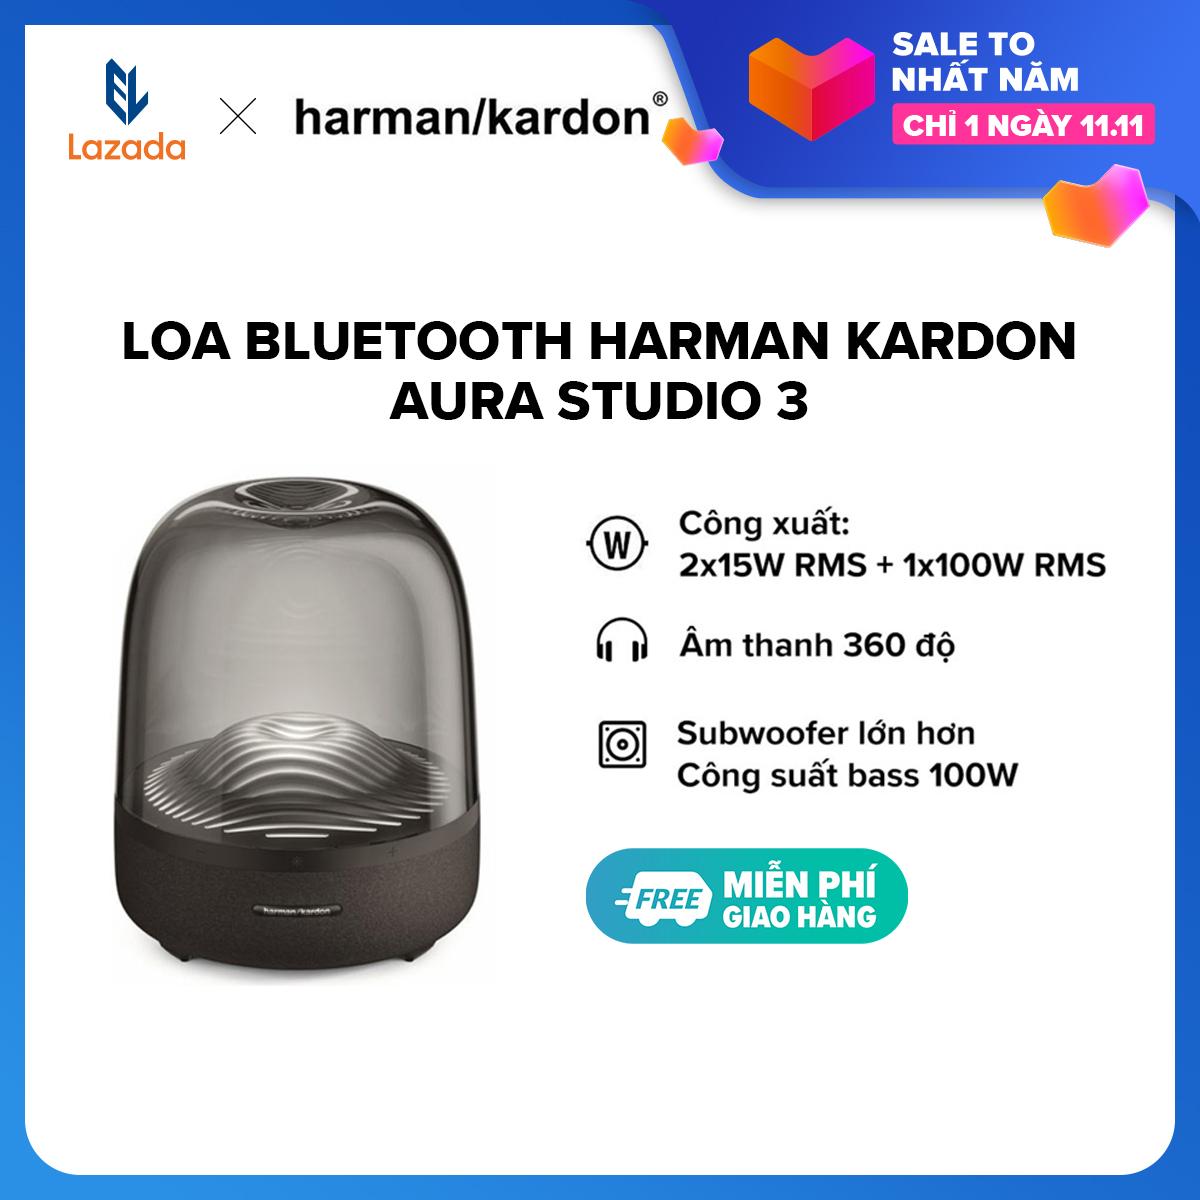 [TRẢ GÓP 0% - HÀNG CHÍNH HÃNG] Loa Bluetooth Harman Kardon Aura Studio 3 l Công suất: 2 x 15W RMS + 1 x 100W RMS l 45Hz-20kHz l Bluetooth 4.2